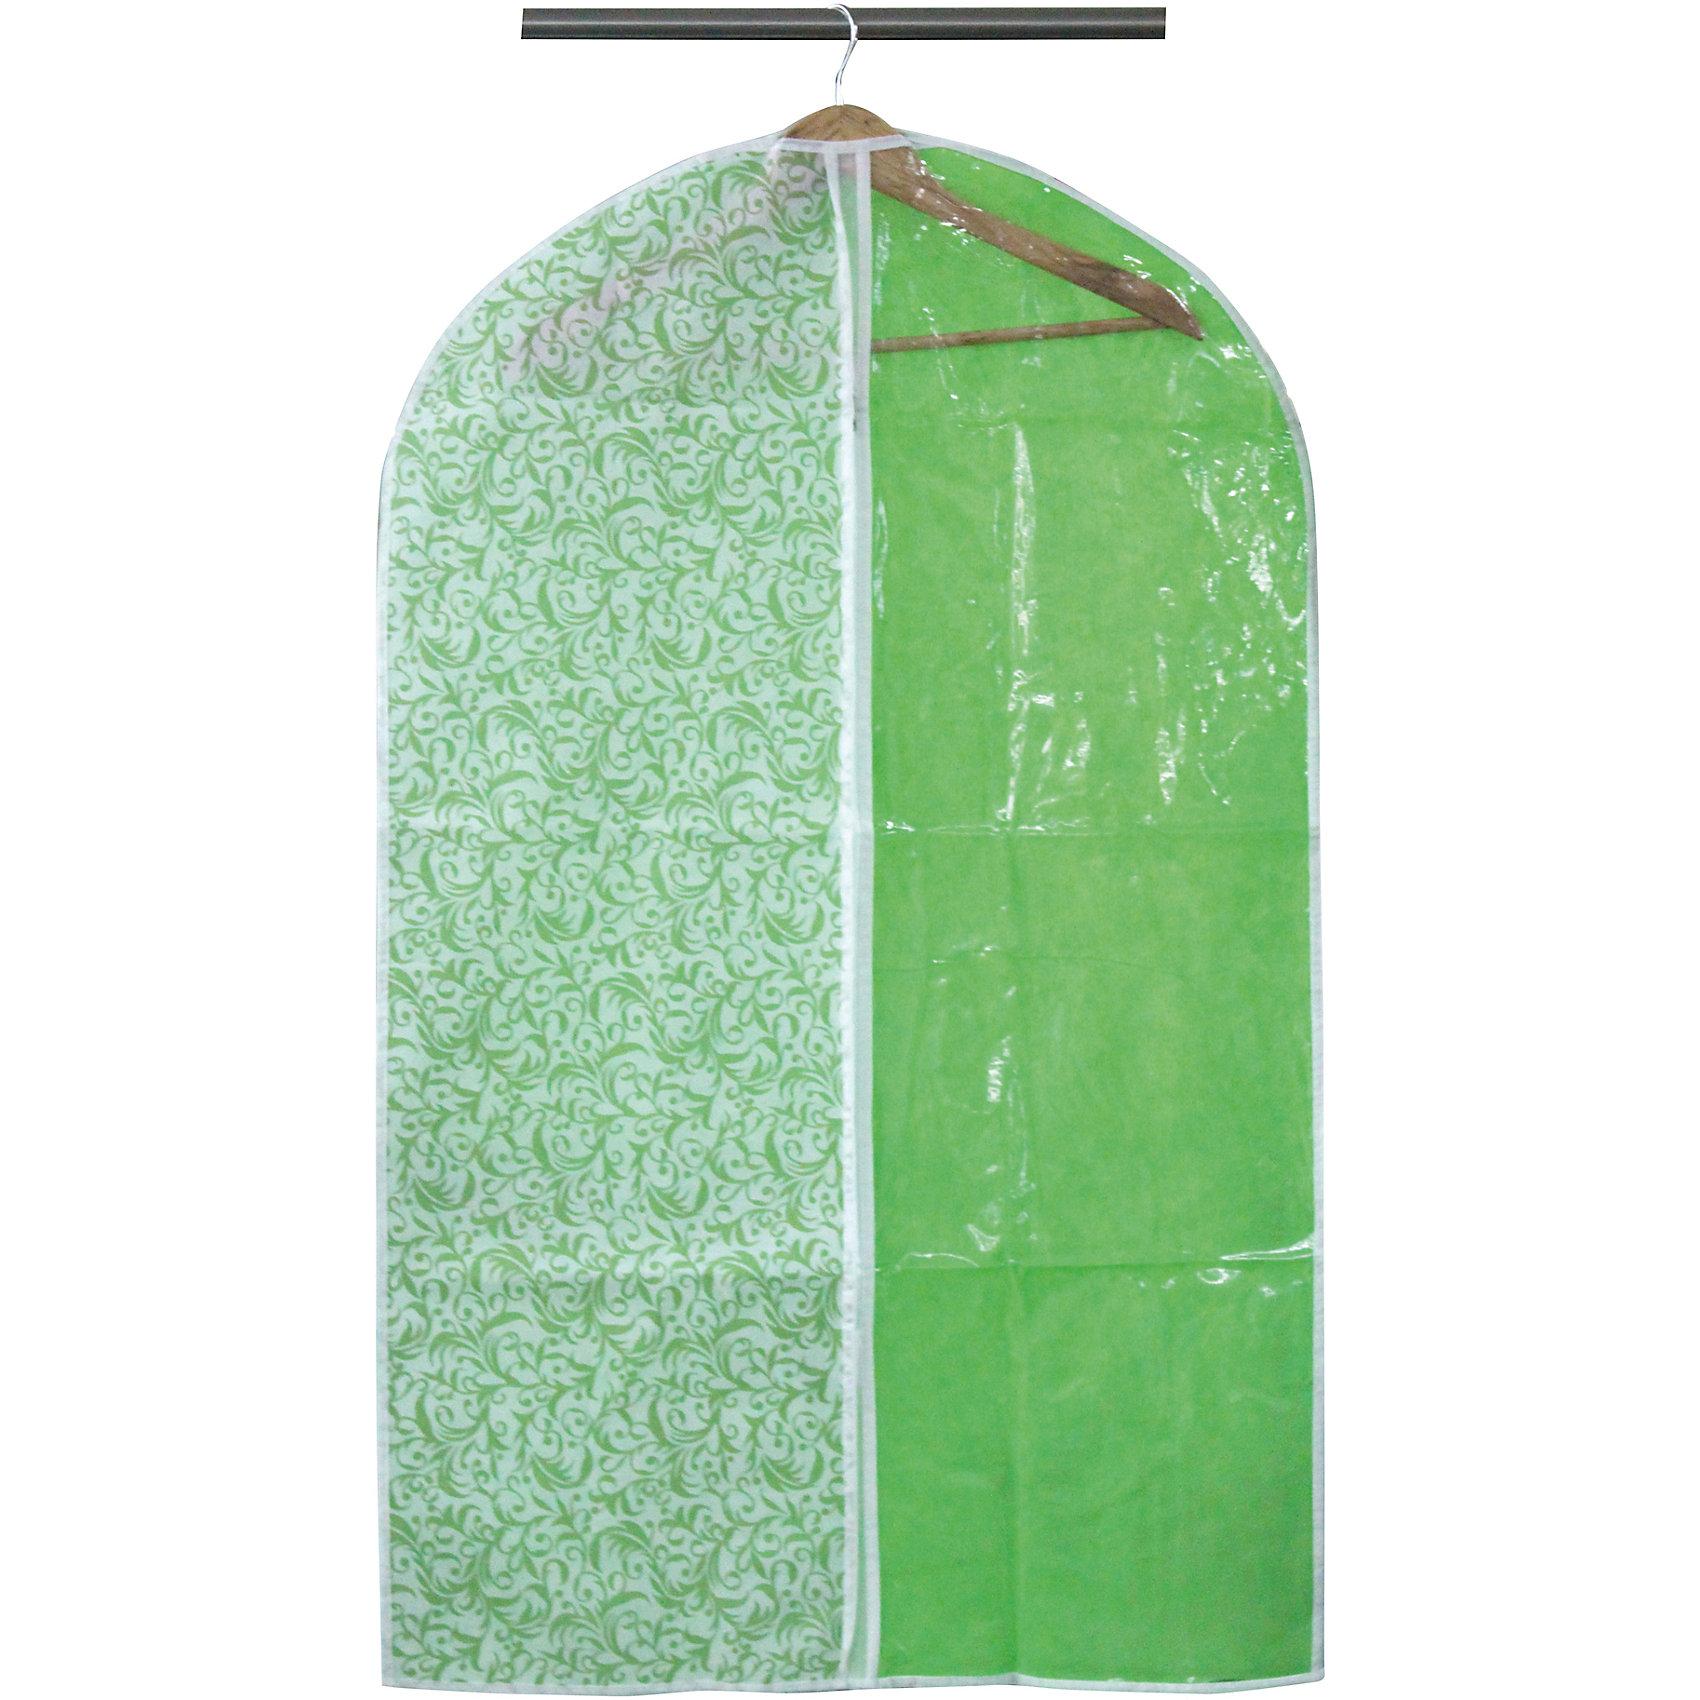 Чехол для одежды NWS-1, 60*100см, Рыжий КотКоллекция «Комфорт» <br>Размер: 60*100см<br>Материал: спанбонд (плотность 75 gsm), ПВХ (прозрачное окно)<br>- Молния <br>- Прозрачное окно из ПВХ <br>- Защита от моли и насекомых<br>- Защита от пыли и различных загрязнений<br>- Пылеотталкивающий, не электризующийся материал<br>Упаковка: пакет с подвесом<br><br>Ширина мм: 300<br>Глубина мм: 225<br>Высота мм: 20<br>Вес г: 133<br>Возраст от месяцев: 36<br>Возраст до месяцев: 1080<br>Пол: Унисекс<br>Возраст: Детский<br>SKU: 4288578